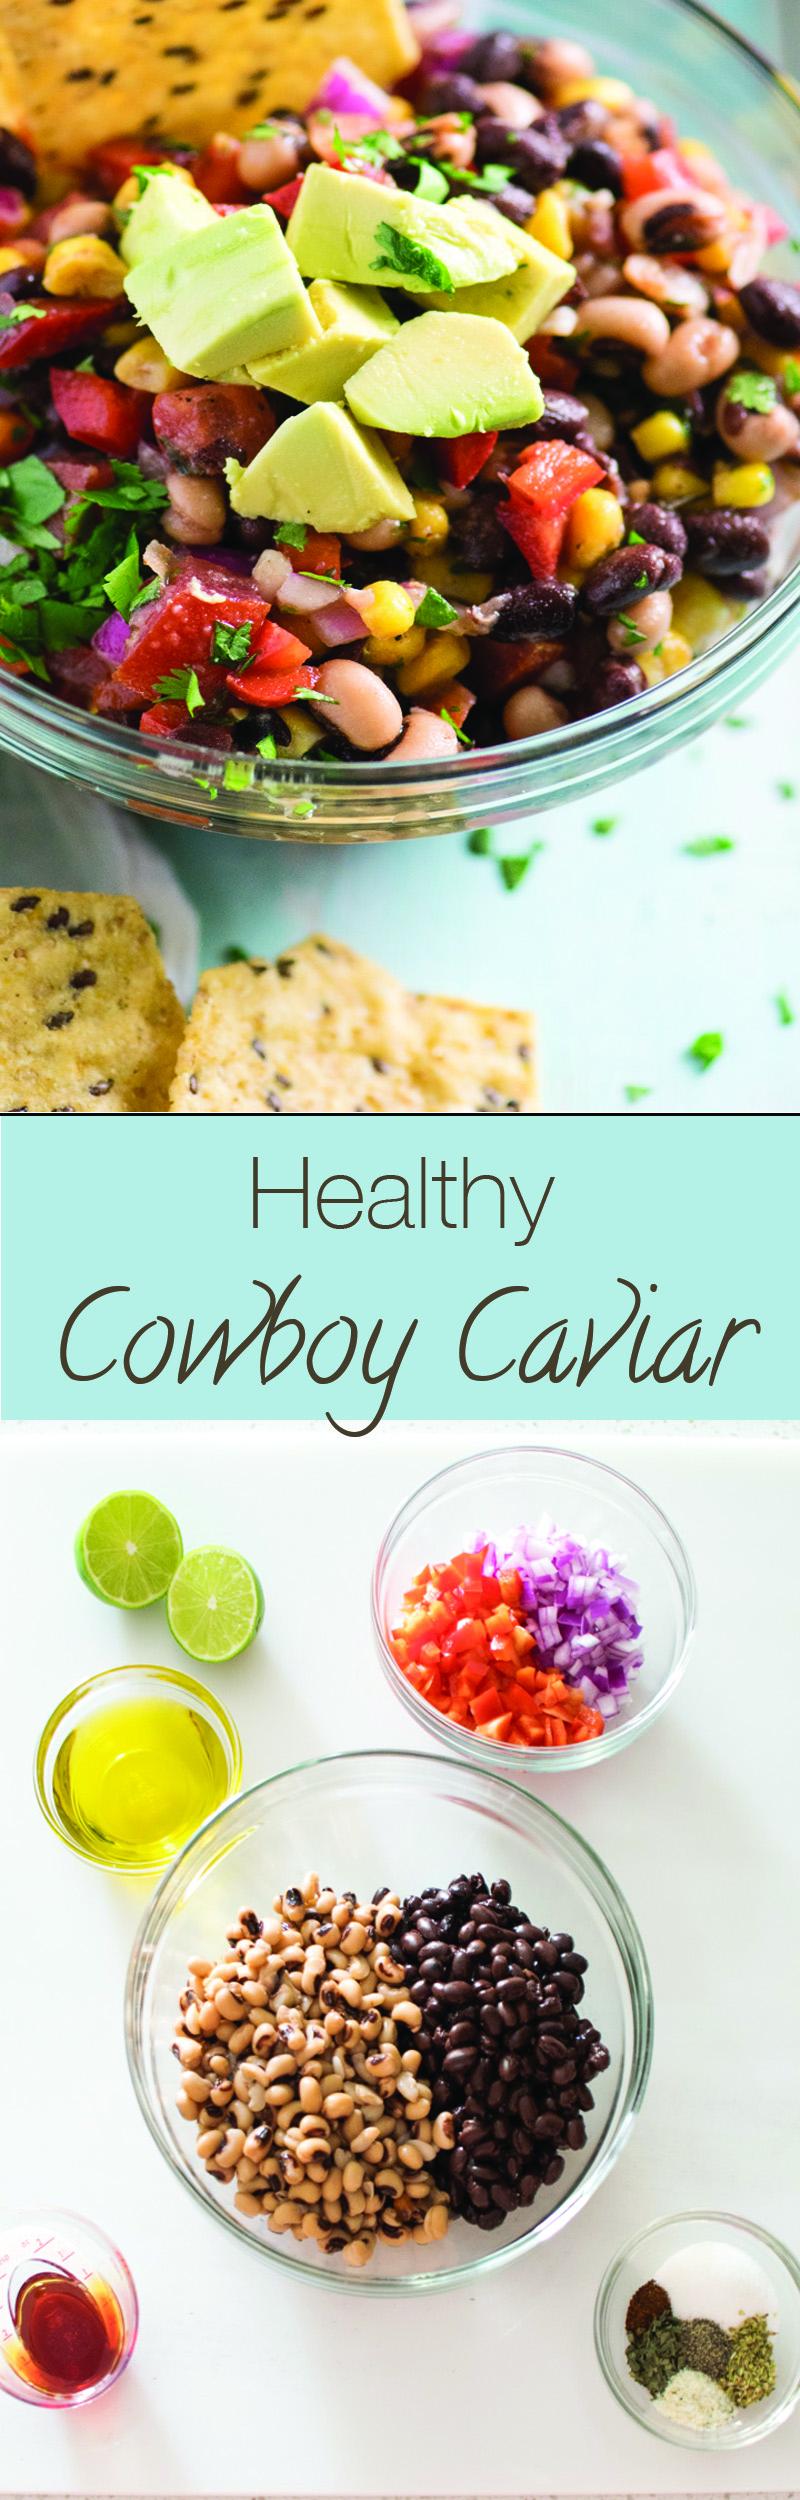 Healthy Cowboy Caviar